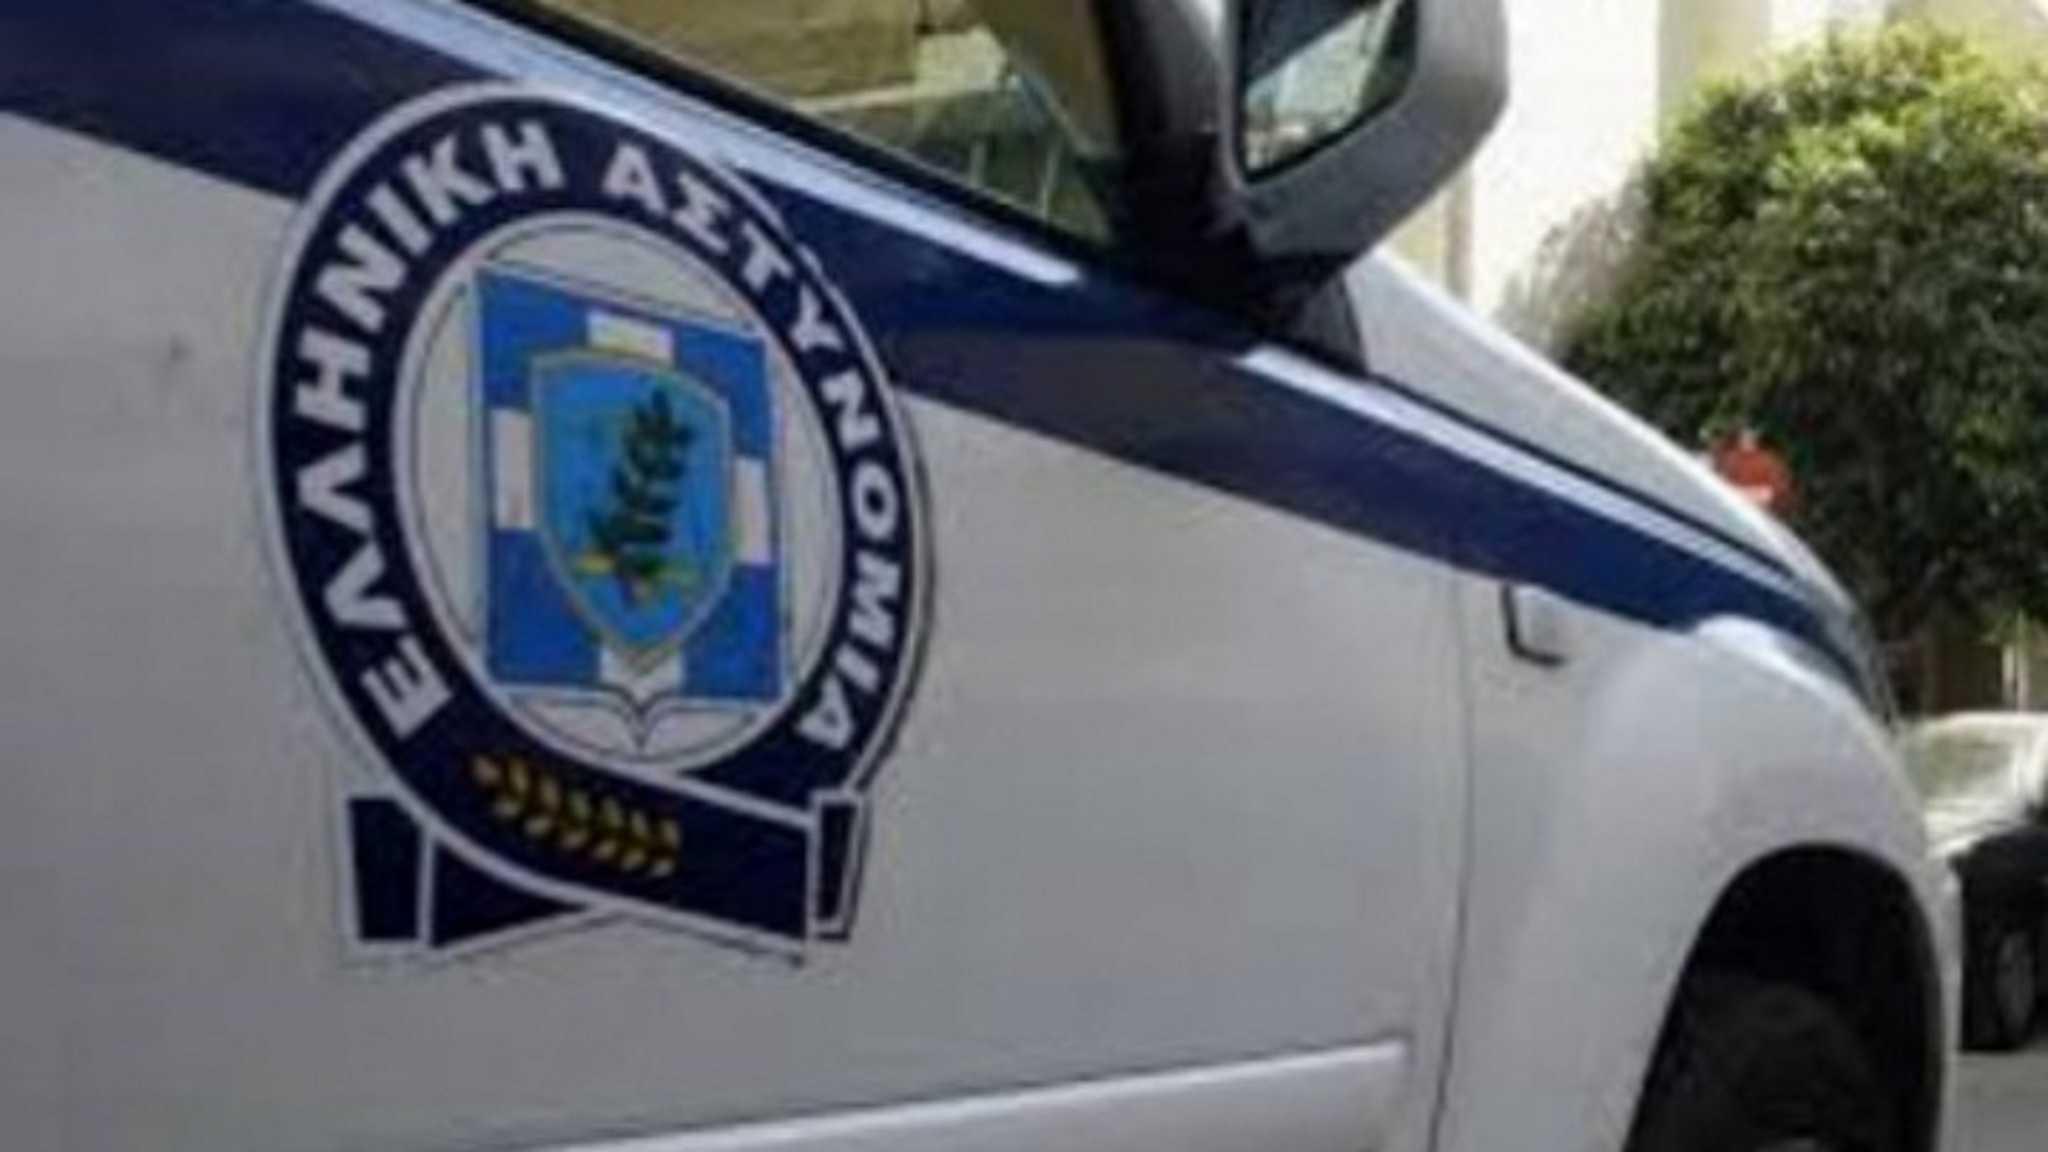 Κυπαρισσία: Παραδόθηκε ο 39χρονος καταζητούμενος και πρώην σύντροφος της γυναίκας που βρέθηκε σε τσιμεντένιο τάφο